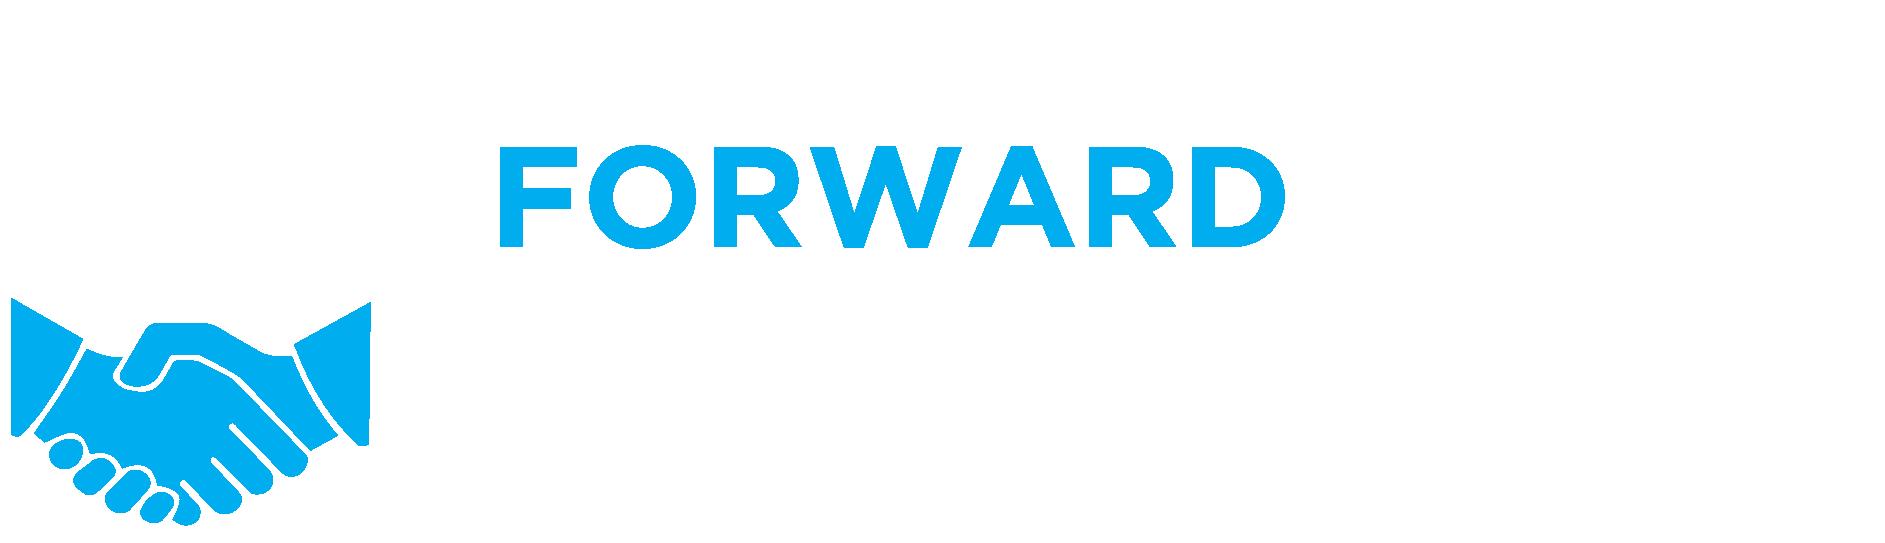 https://ca.mncjobz.com/company/forward-employment-inc